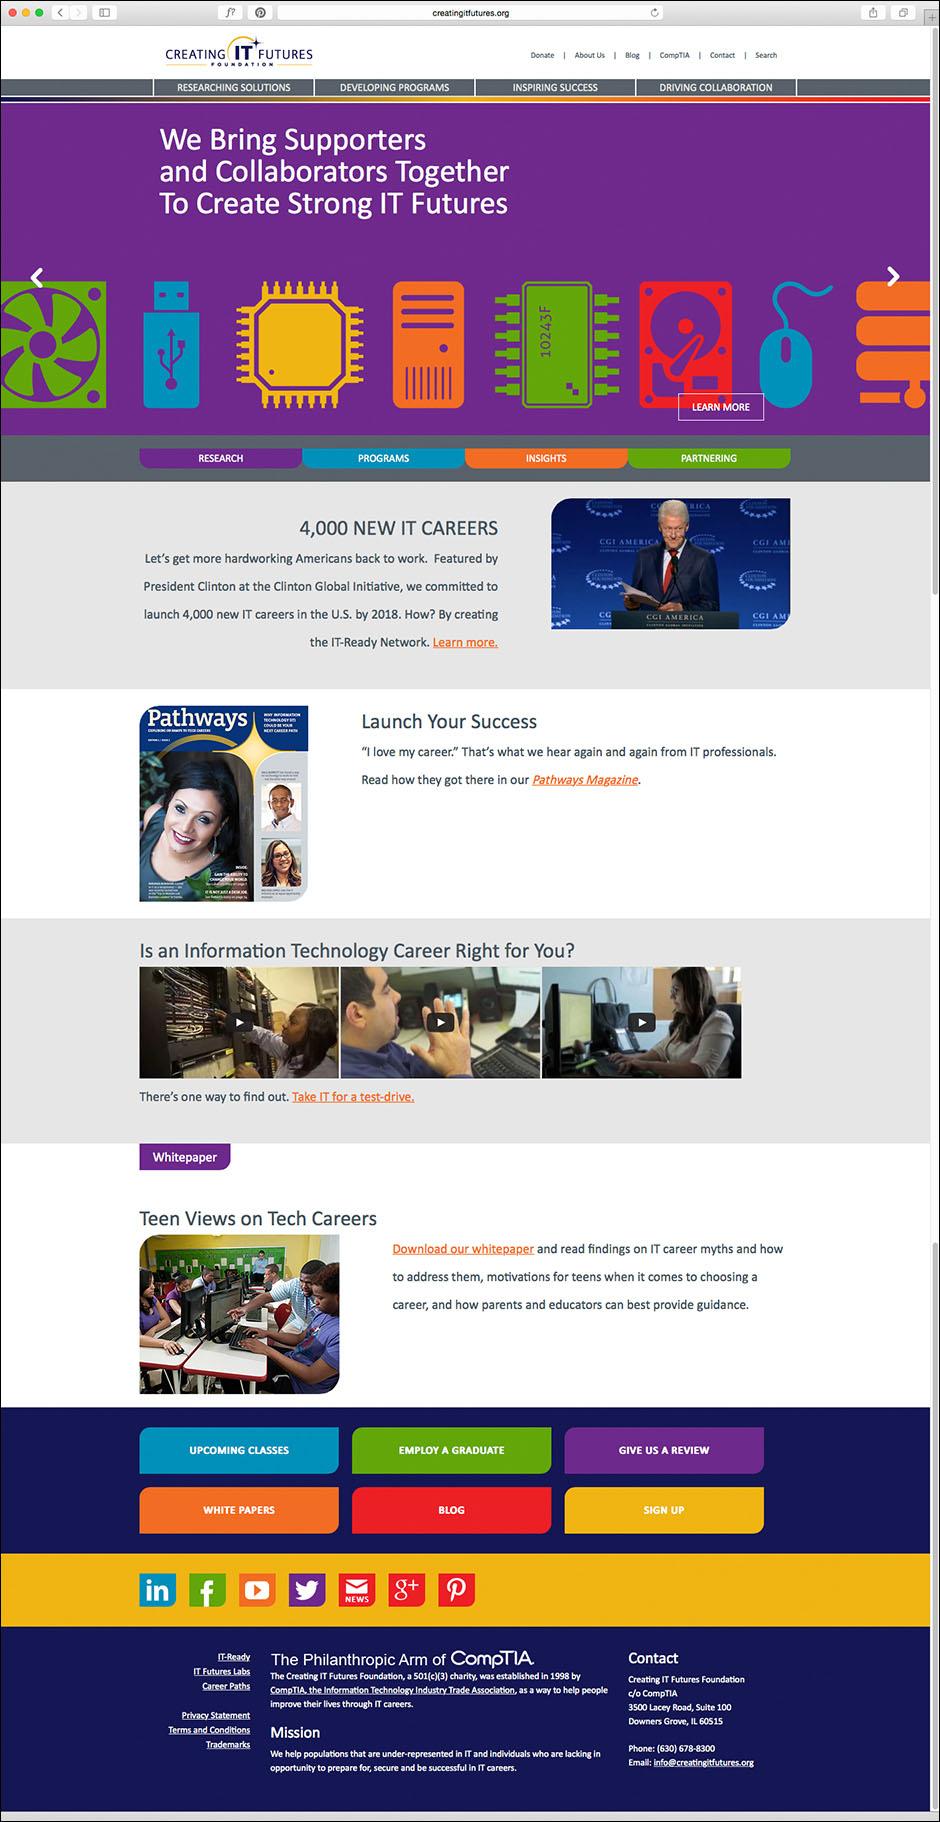 Creating IT Futures Website